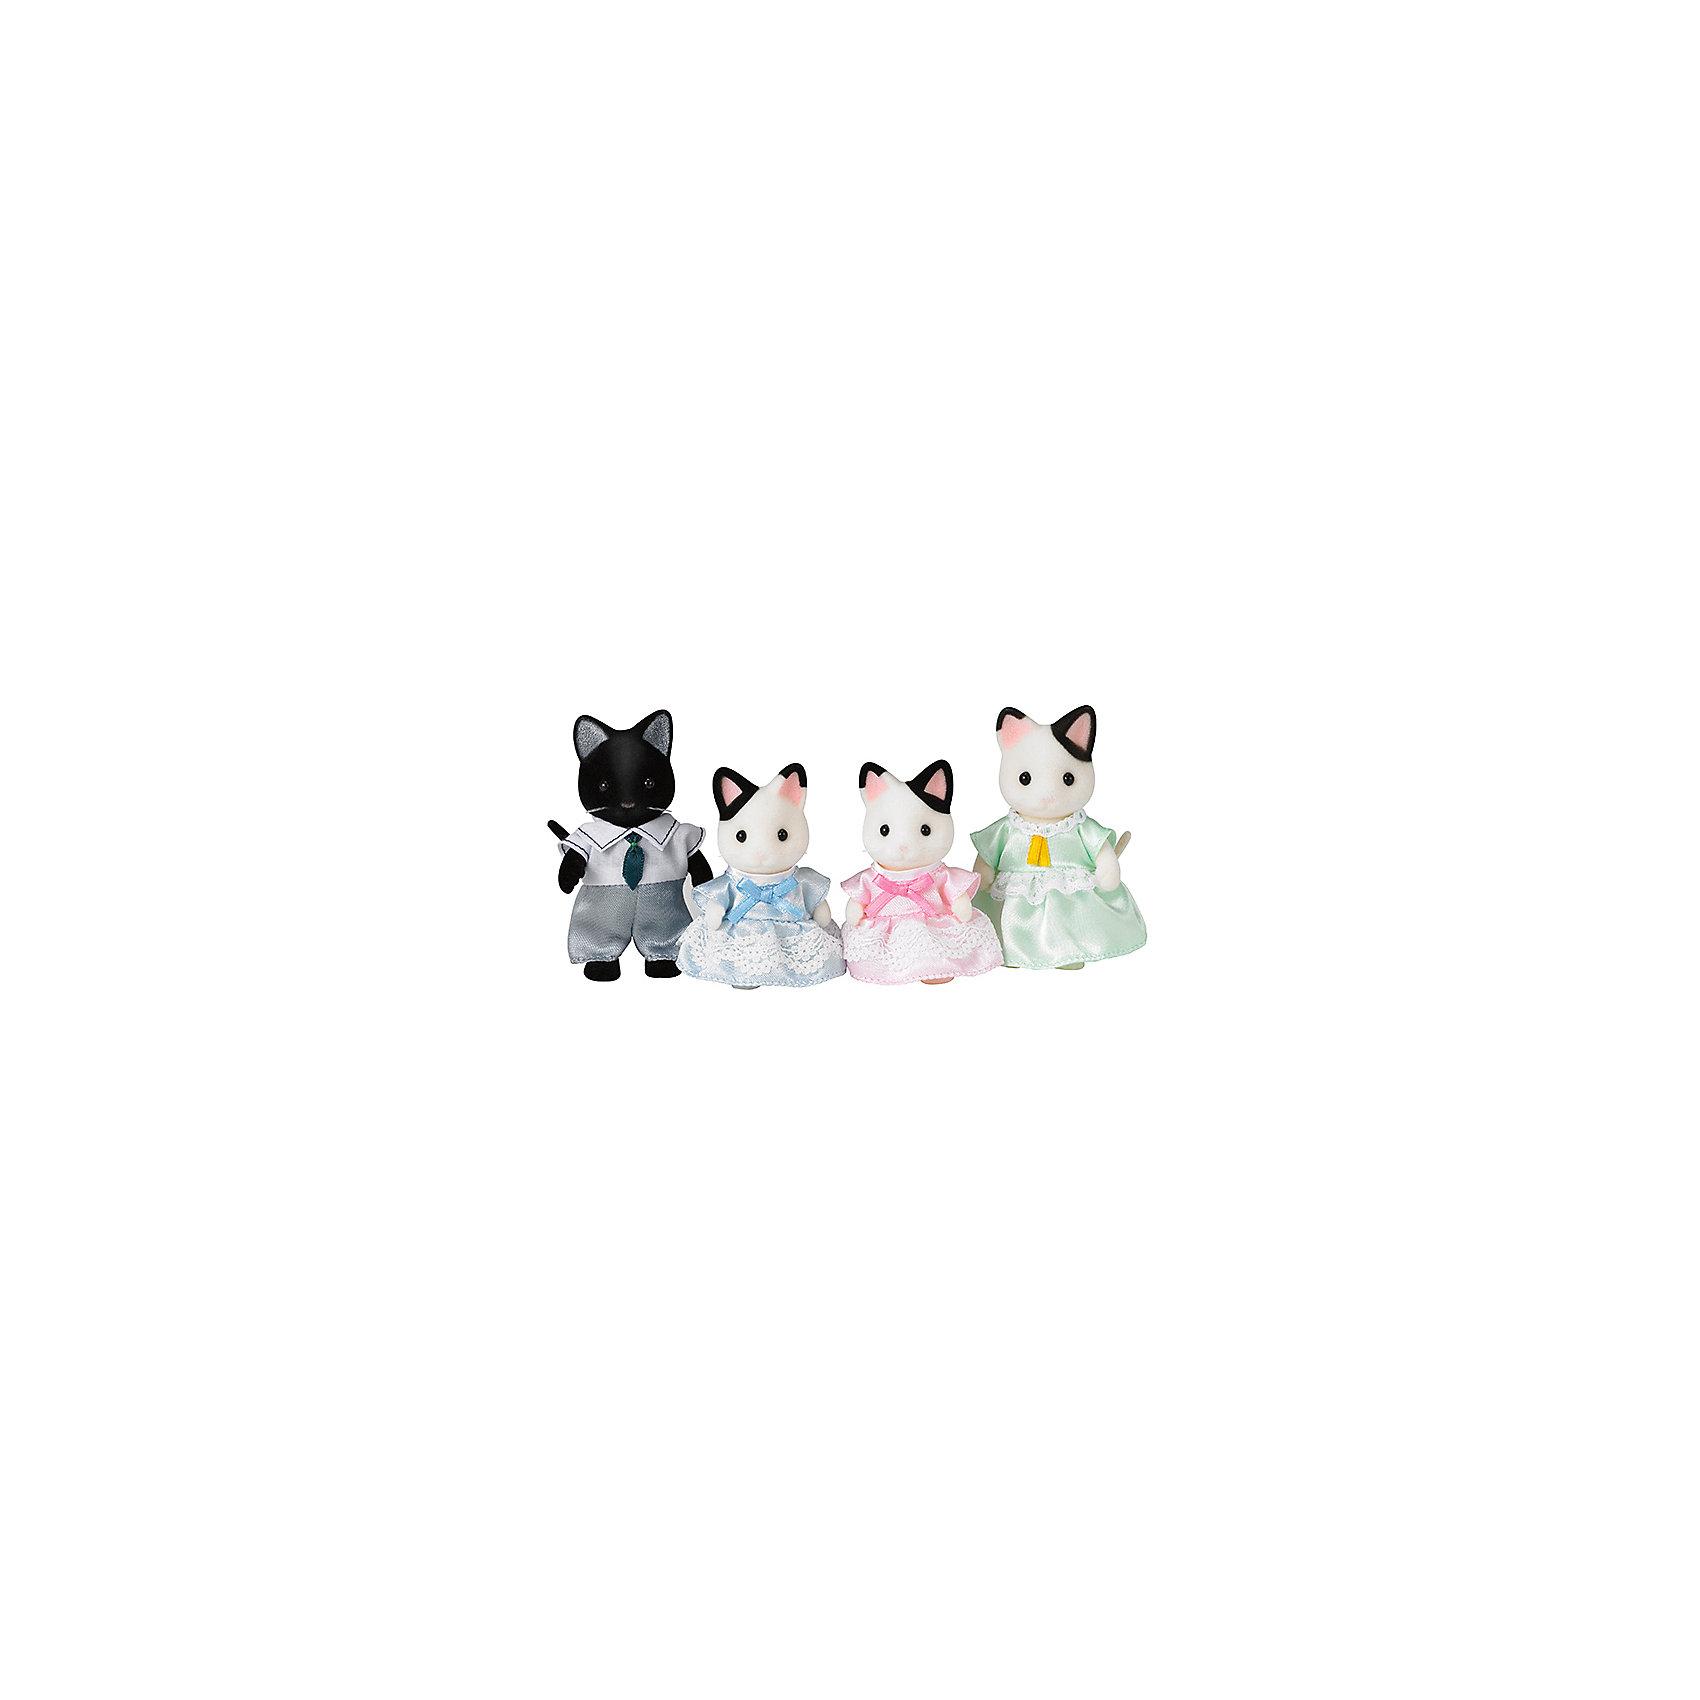 - Набор Семья Чёрно-белых котов, Sylvanian Families игрушка sylvanian families семья чёрно белых котов 5181